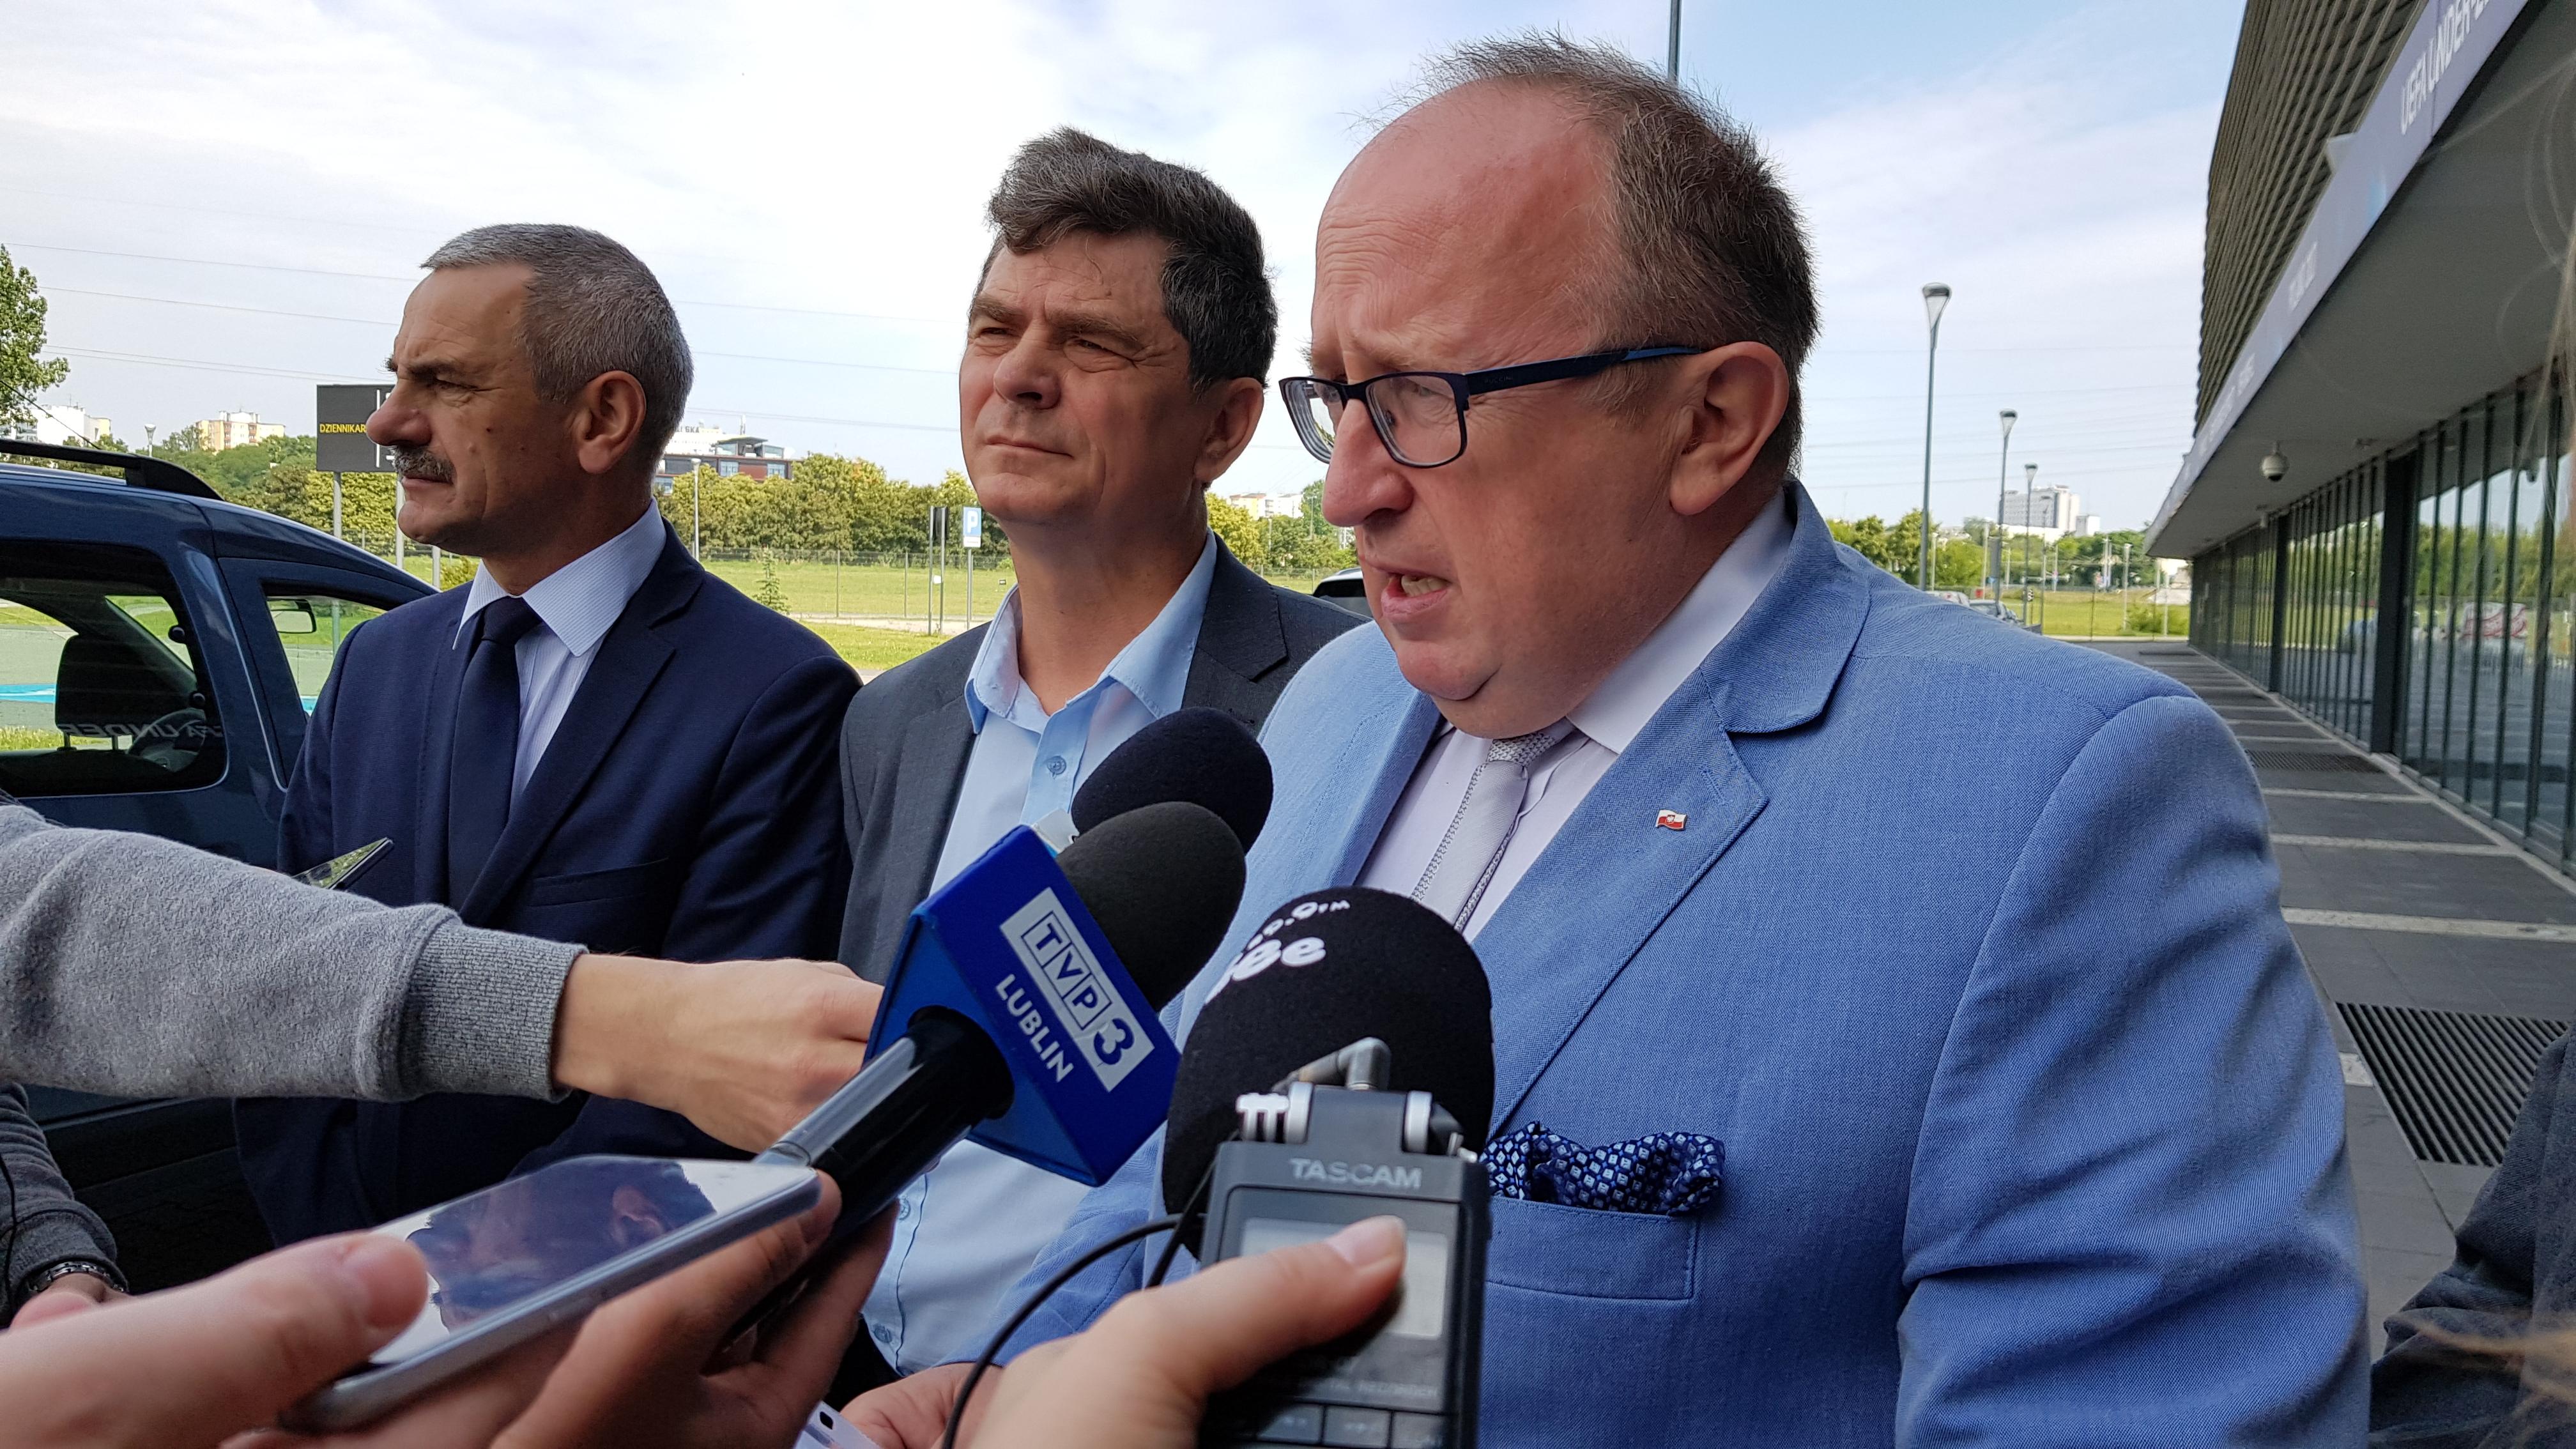 Radni PiS złożyli wniosek o zwołanie nadzwyczajnej komisji sportu